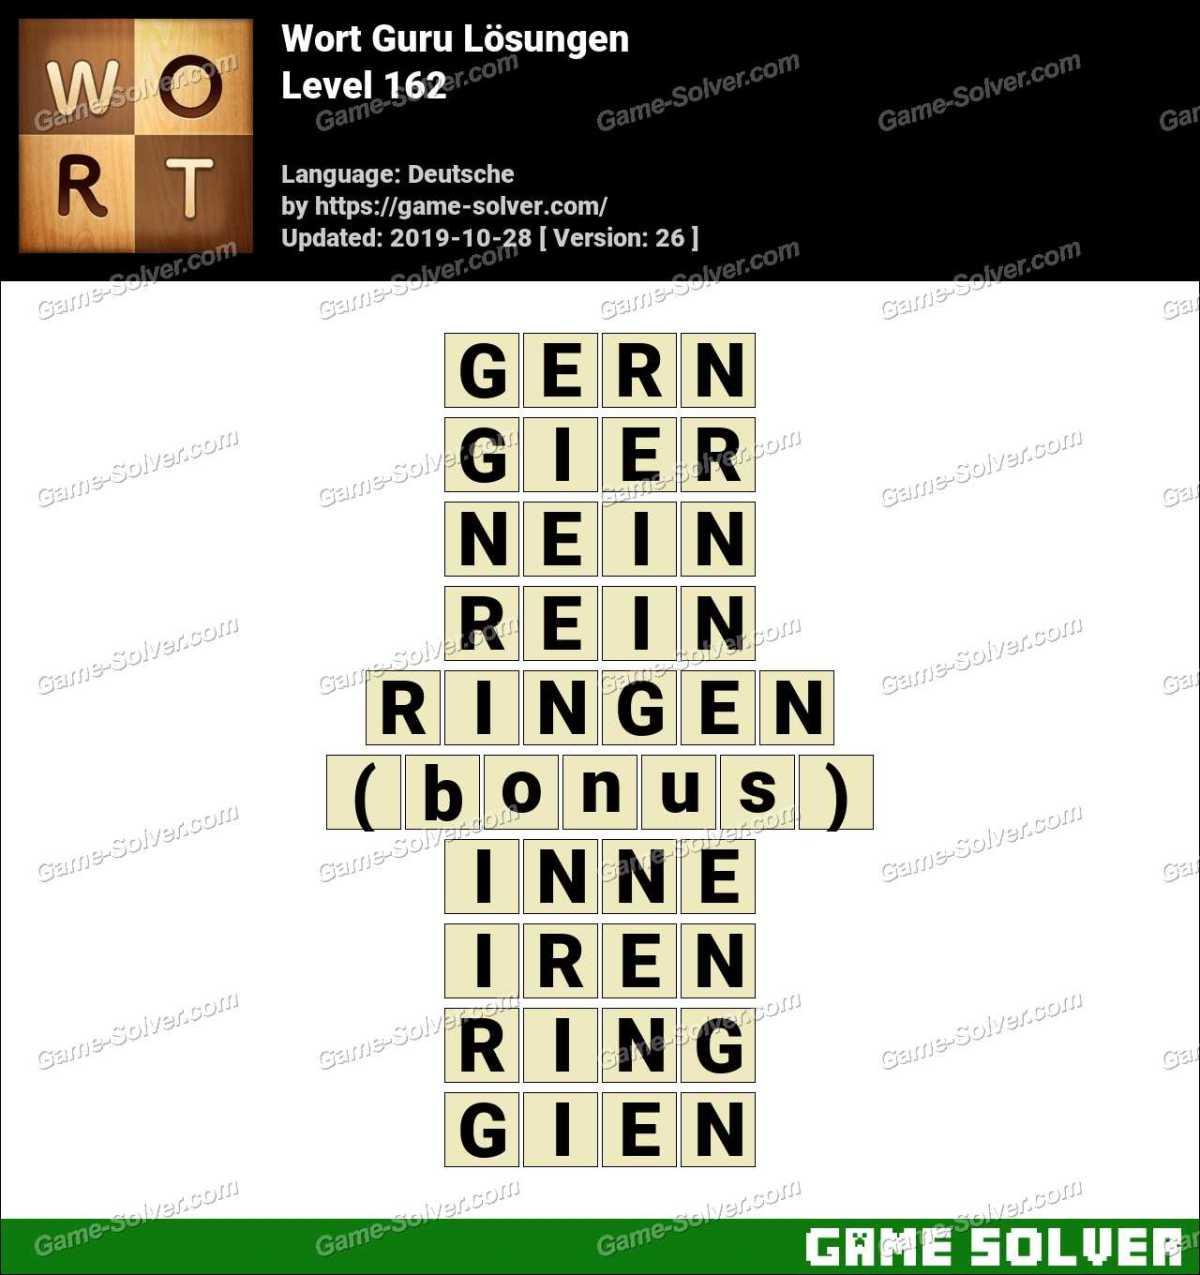 Wort Guru Level 162 Lösungen